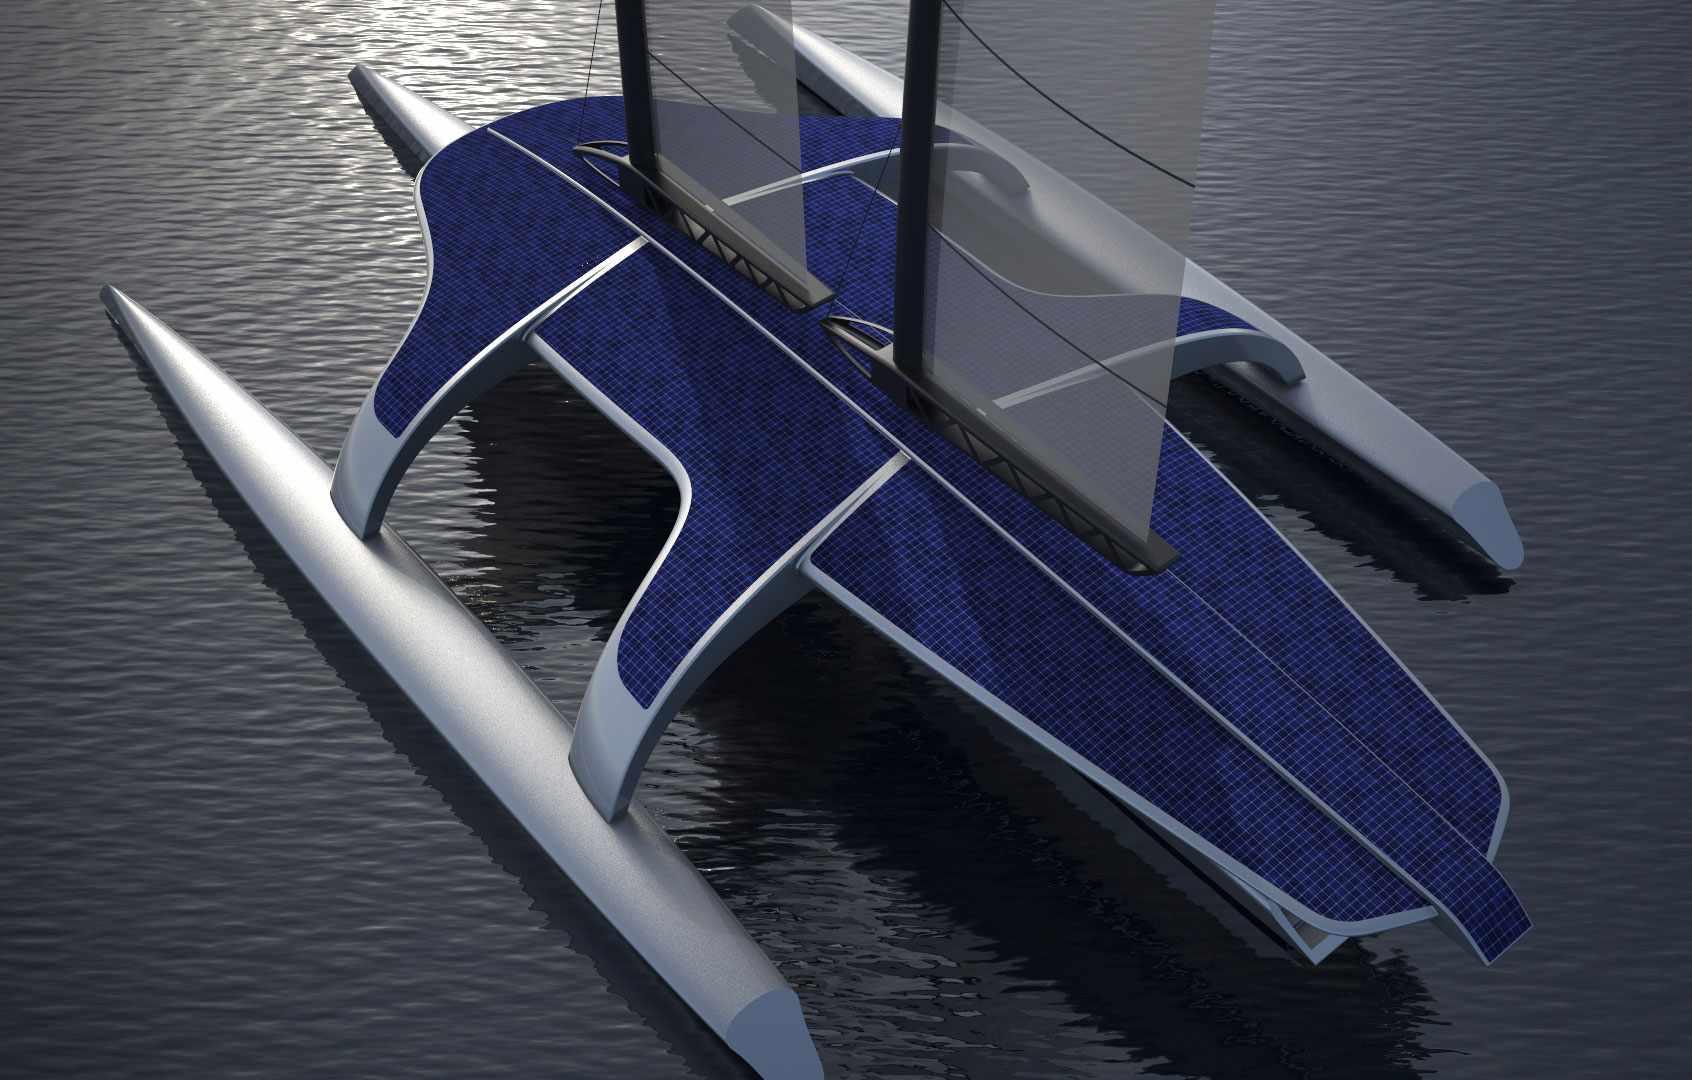 Mayflower Autonomous Ship